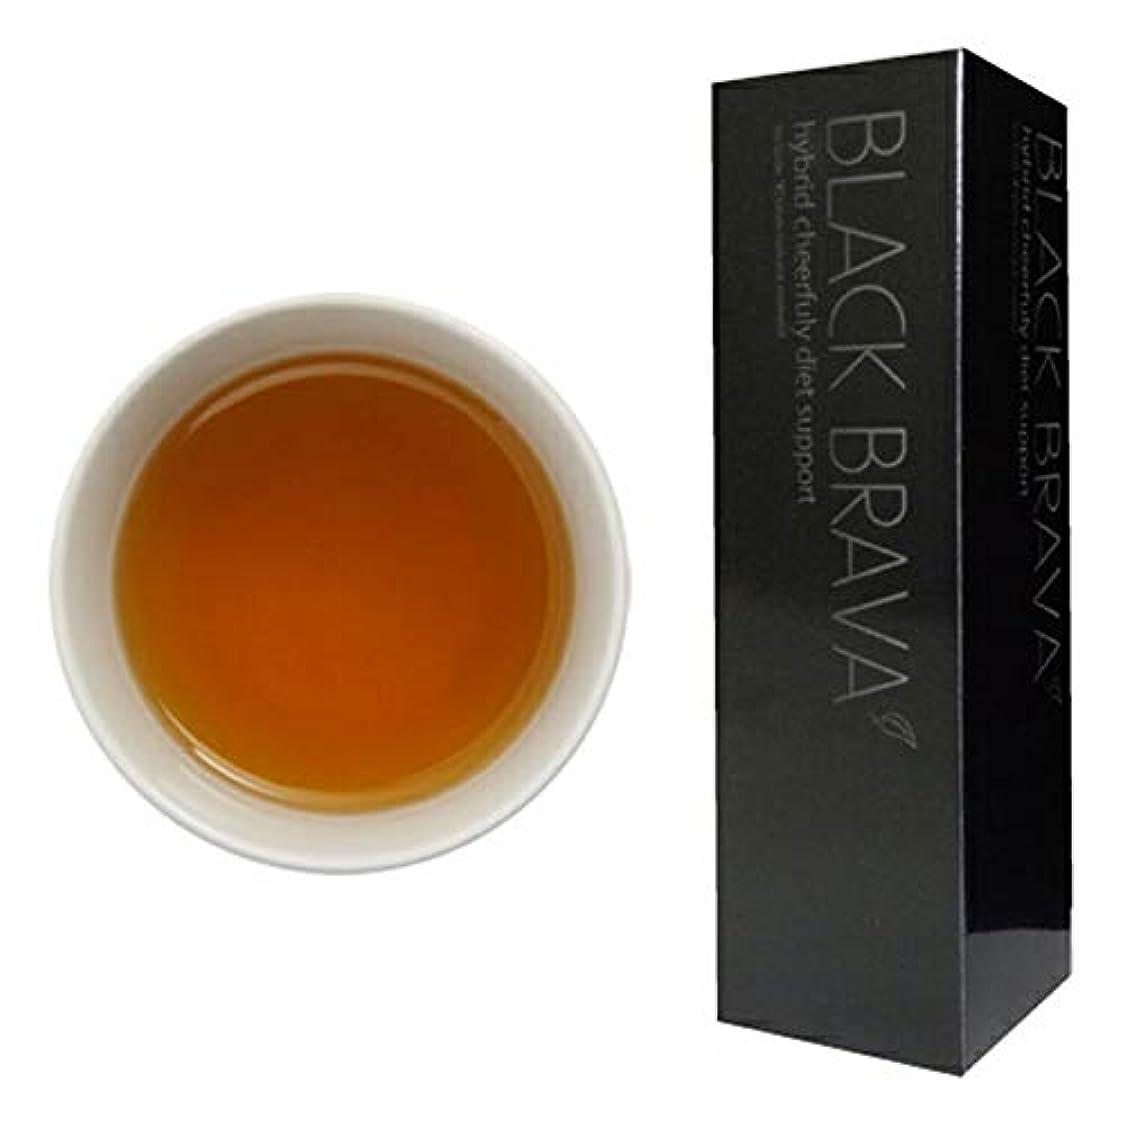 からに変化する苗バルセロナブラバ が進化 ダイエットティー ハイブリッド チアフリー ダイエットサポート ブラックブラバ ブラバ茶 2本セット